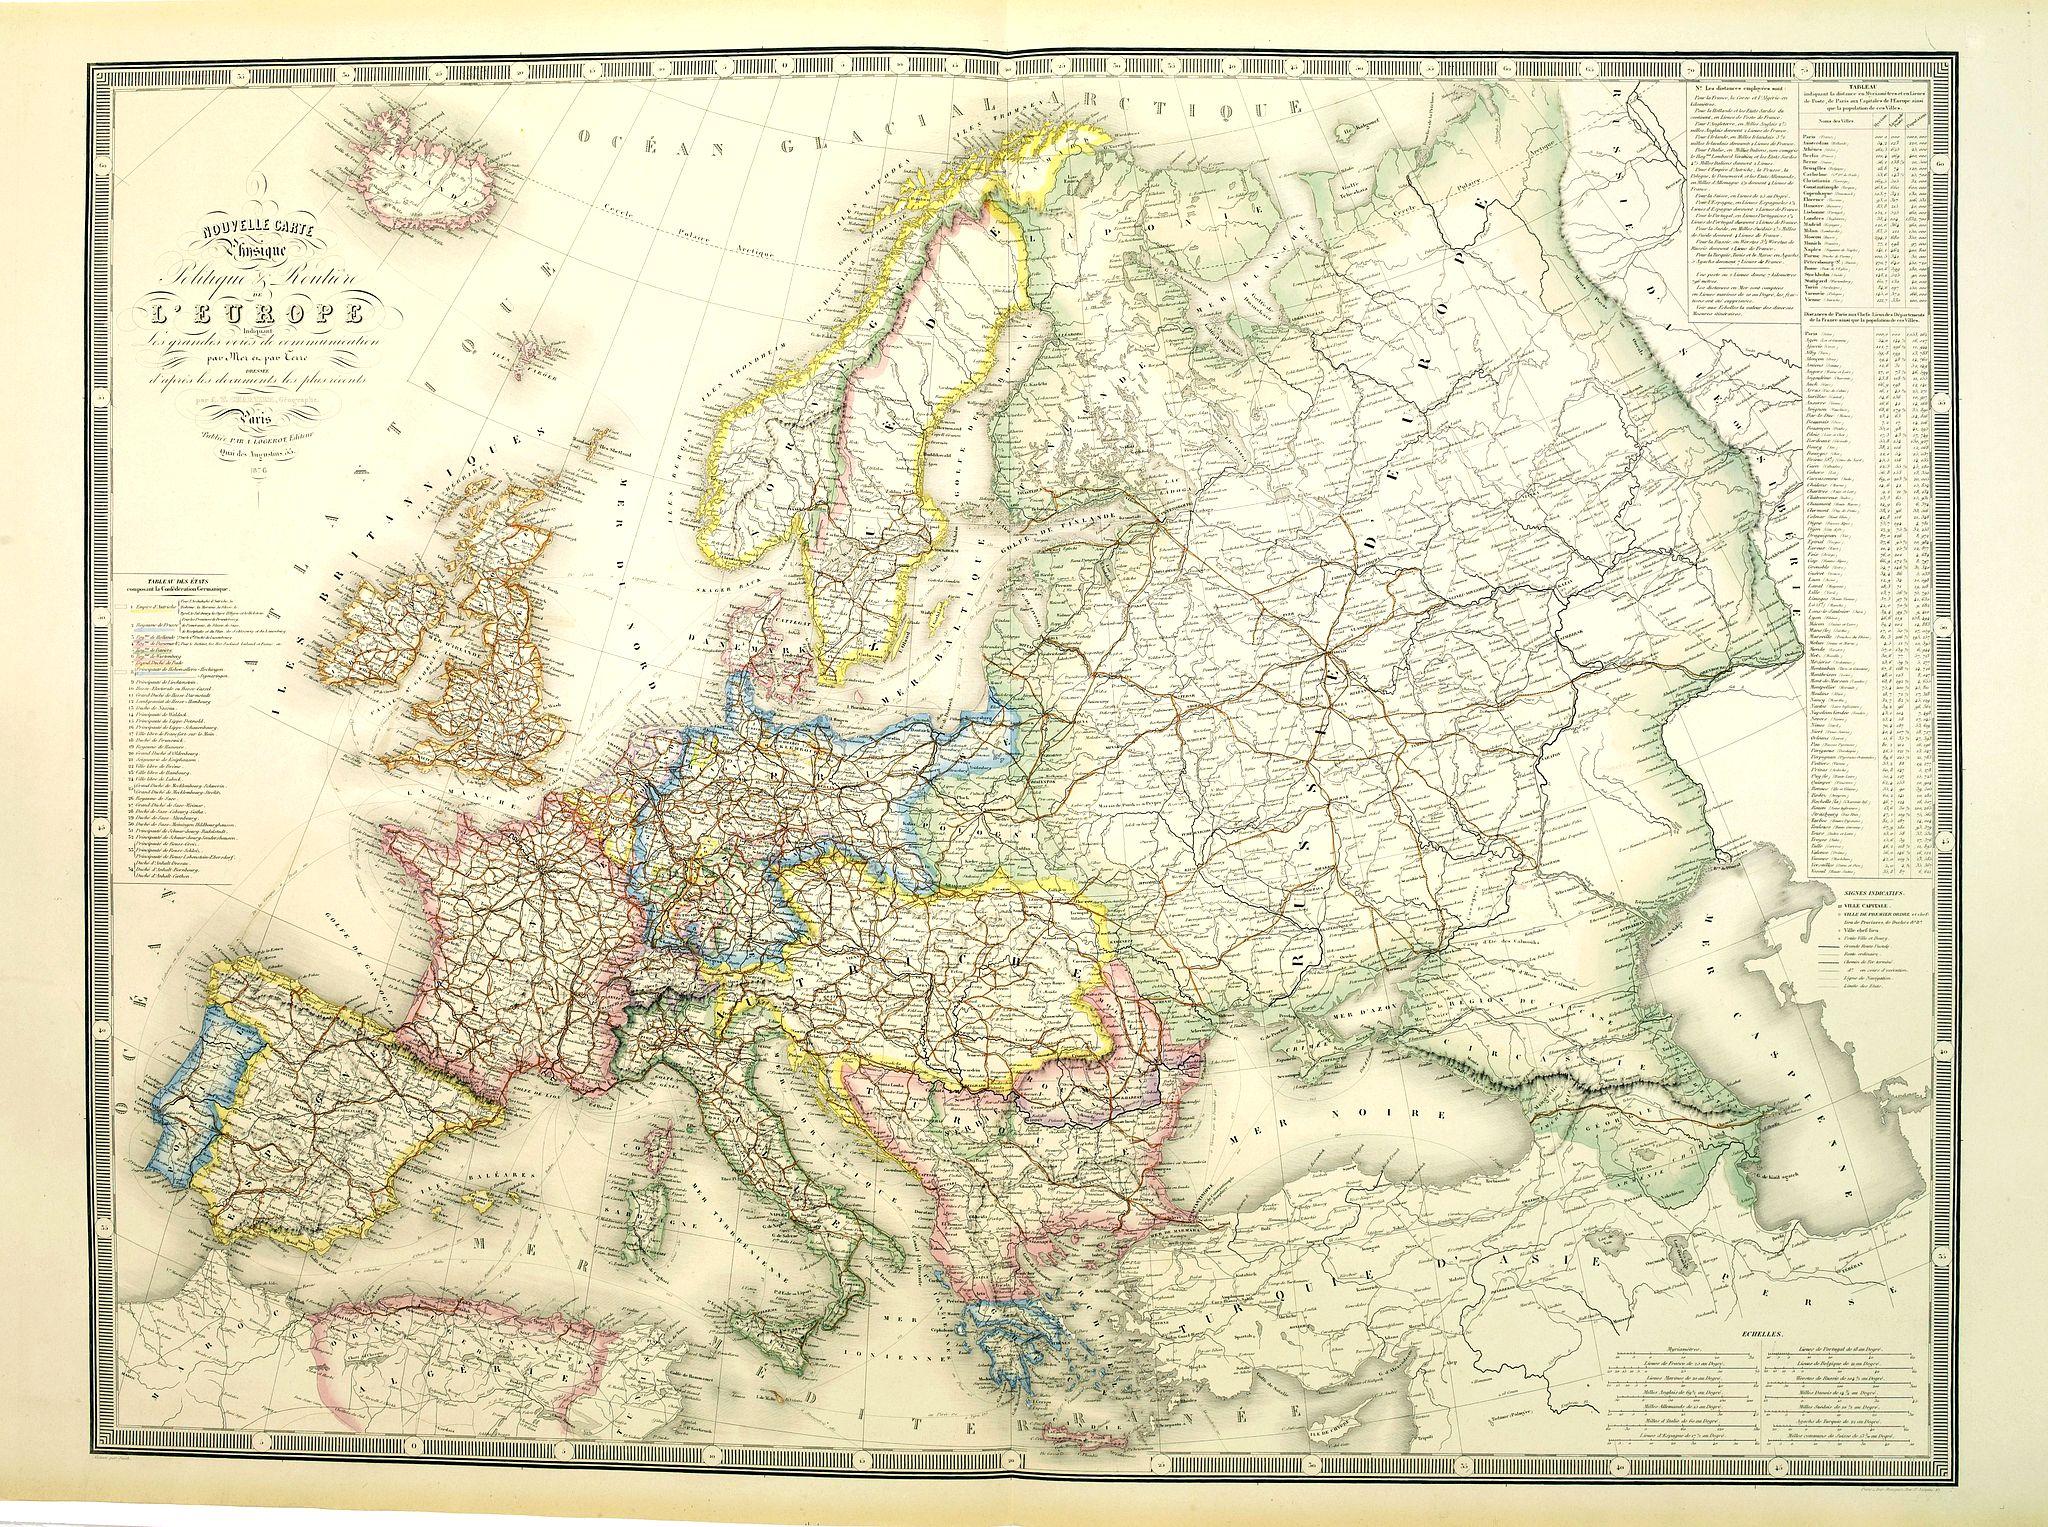 LOGEROT, A. -  Nouvelle carte physique et politique de l